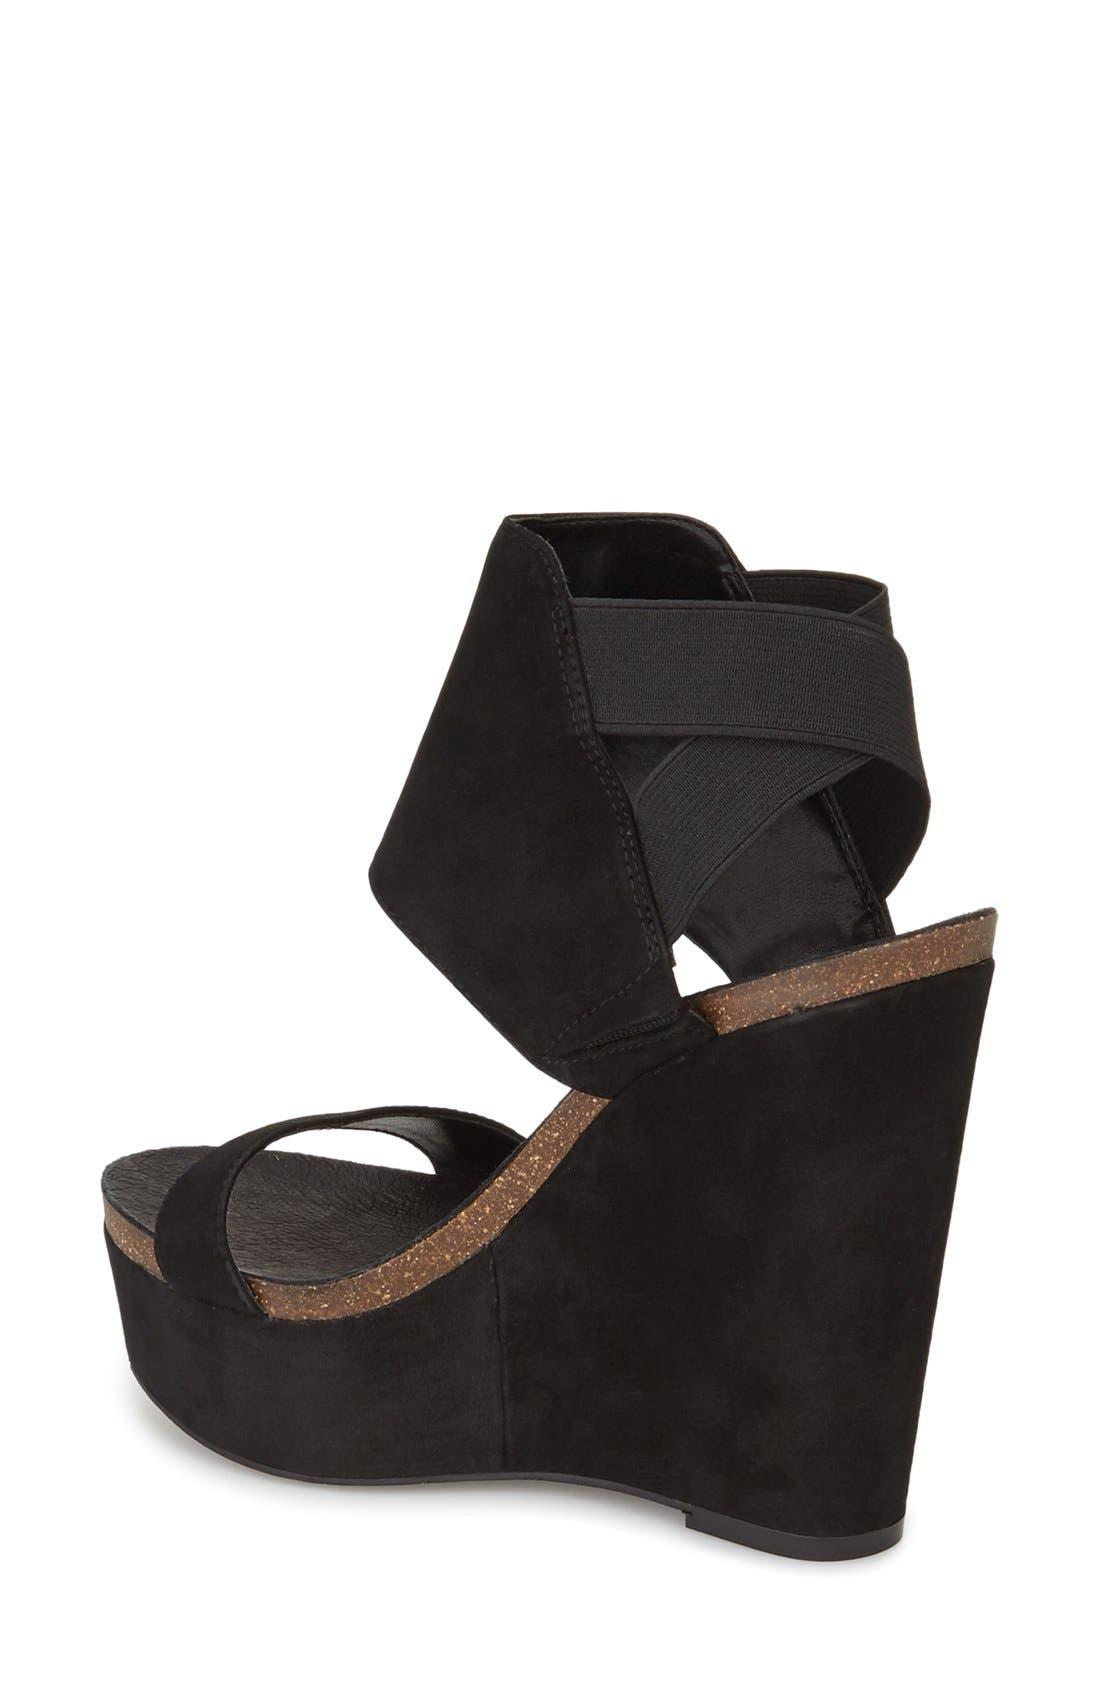 Kresta Platform Wedge Sandal,                             Alternate thumbnail 2, color,                             001